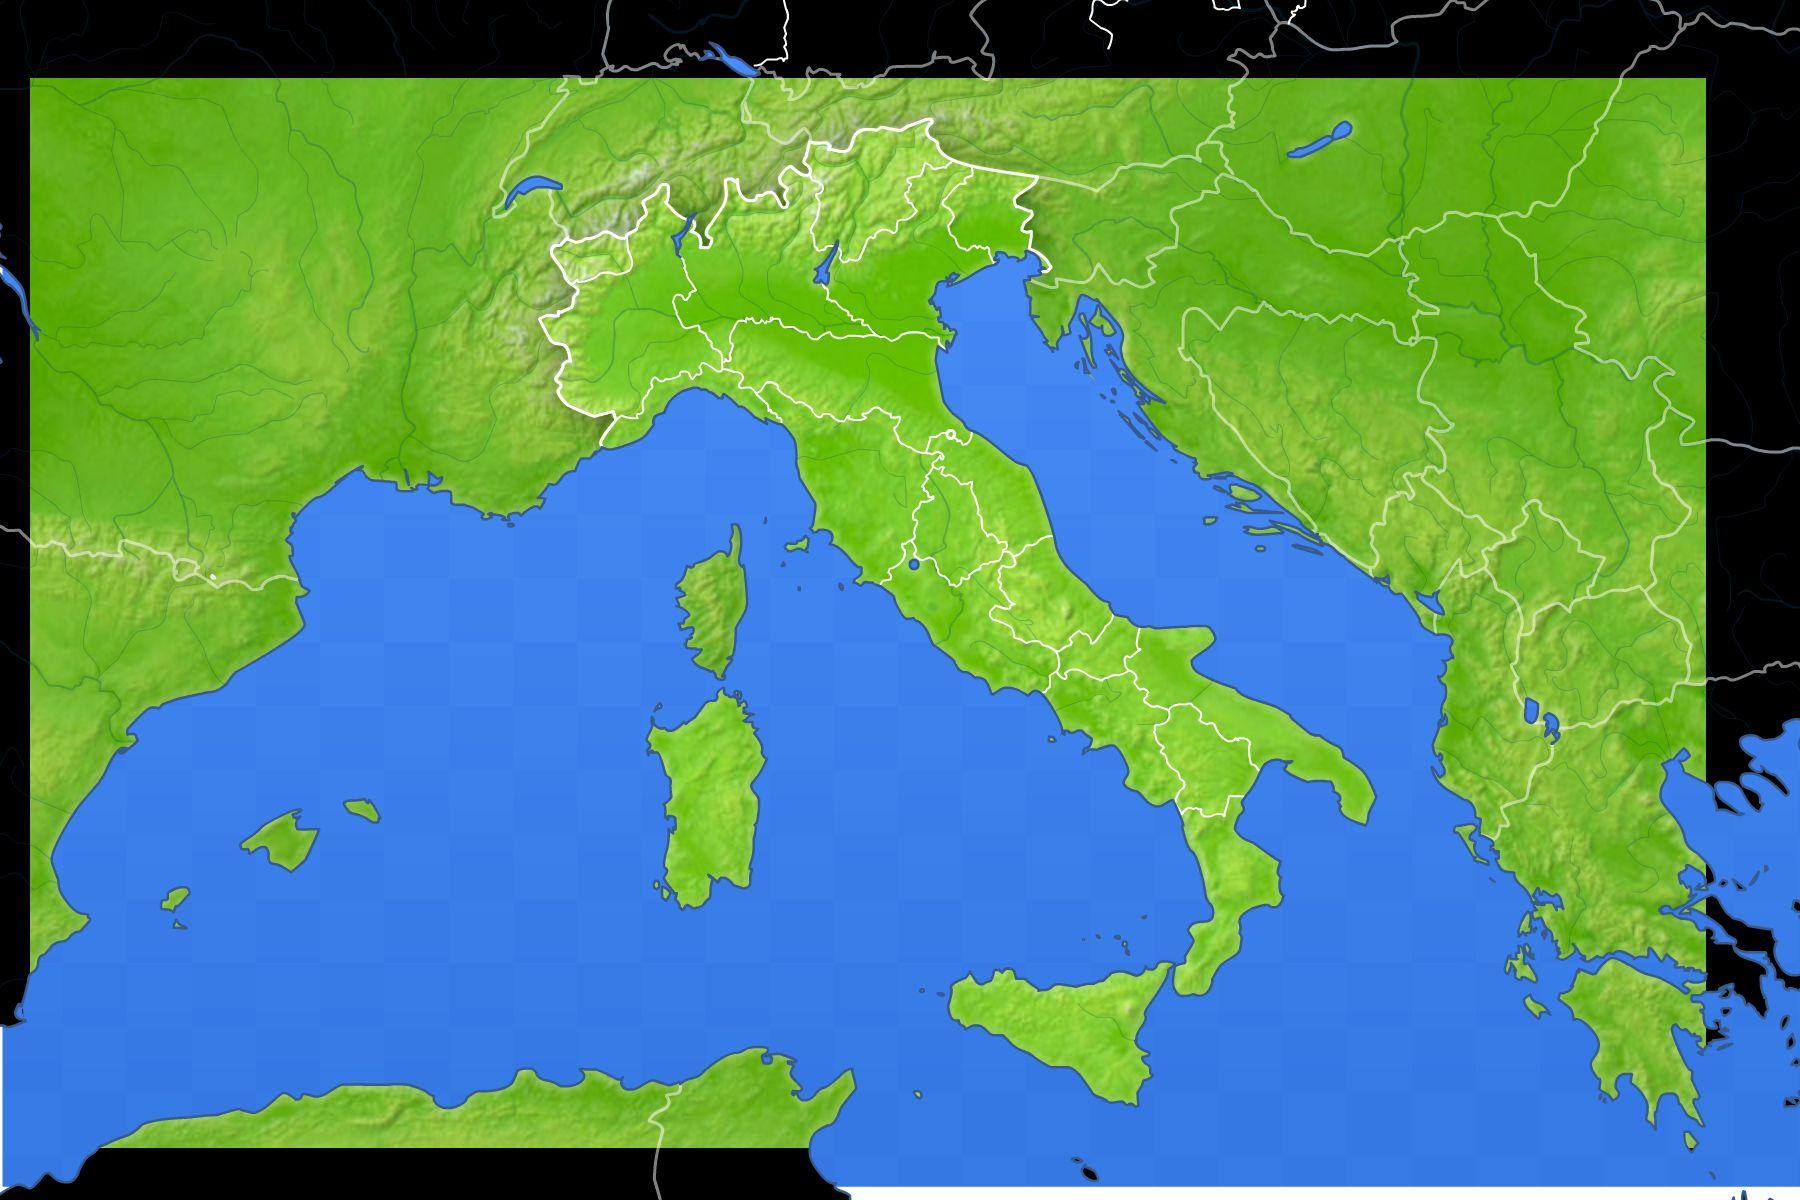 Jeux-Geographiques Jeux Gratuits Jeu Villes D Italie pour Jeu Villes France